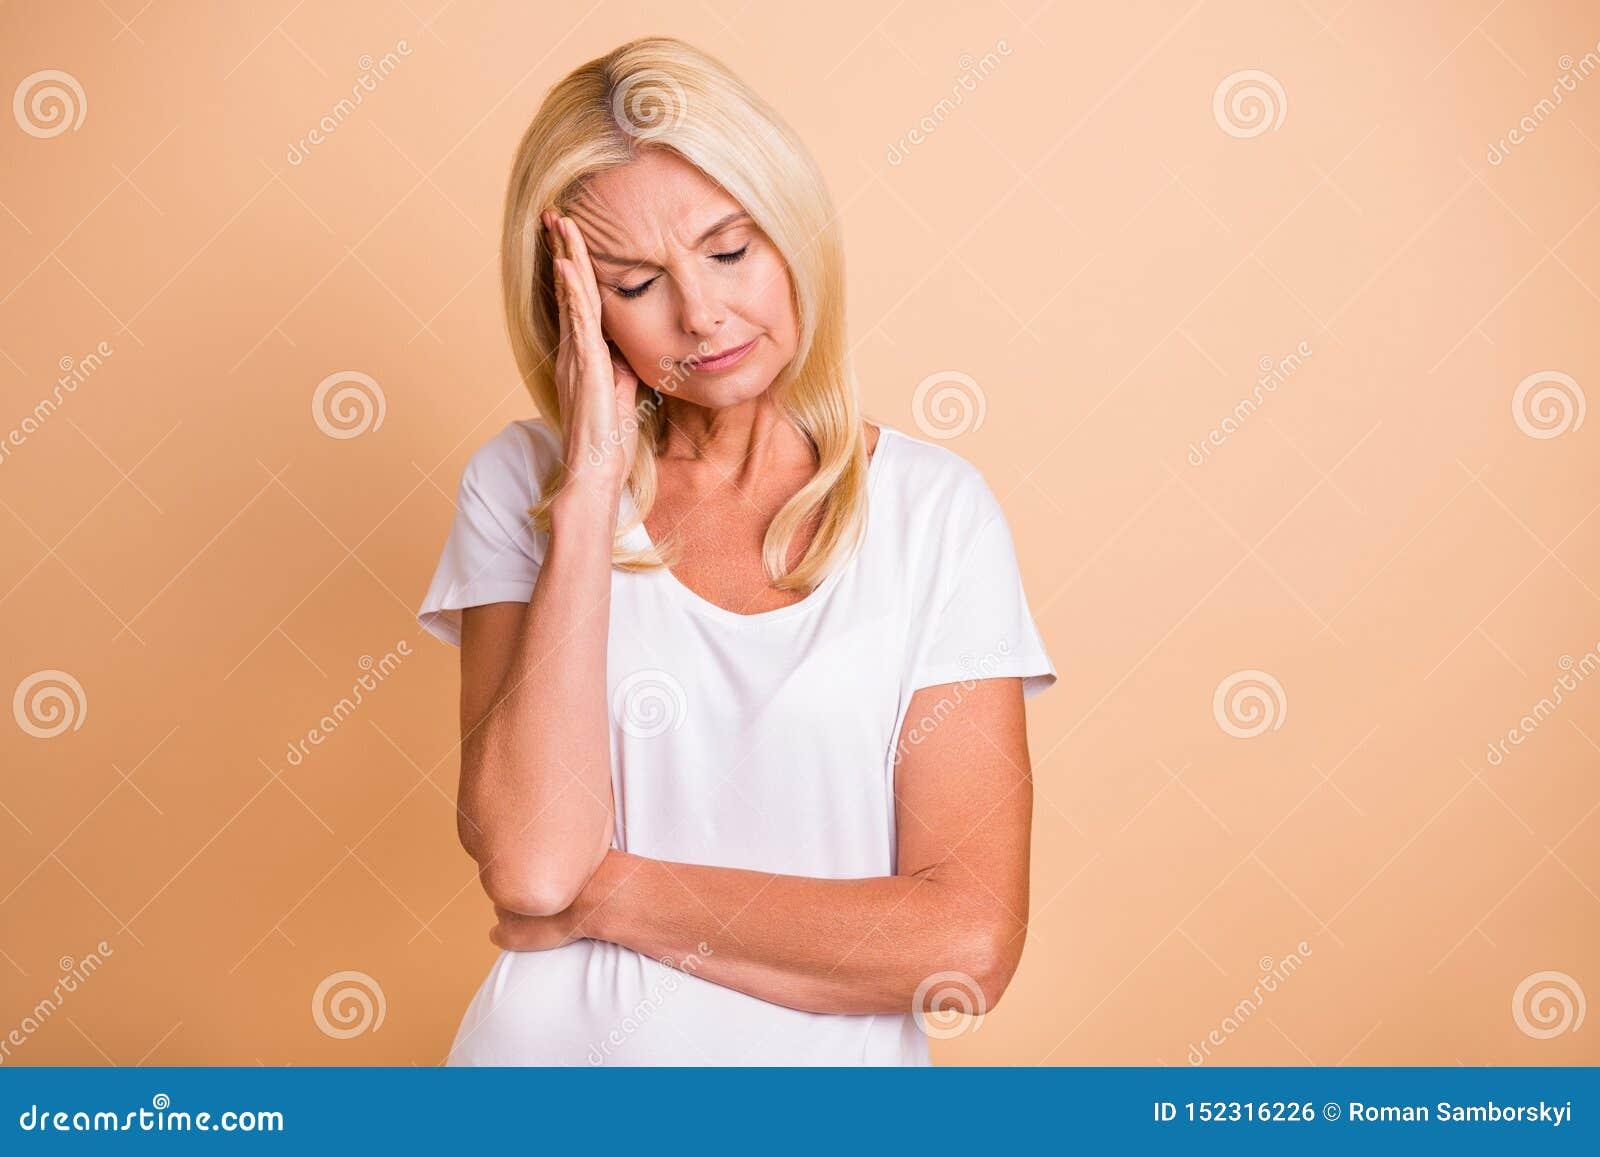 Φωτογραφία κινηματογραφήσεων σε πρώτο πλάνο της λαβής δάχτυλων γυναικείων βραχιόνων τα επικεφαλής μάτια έκλεισαν το φοβερό πόνου